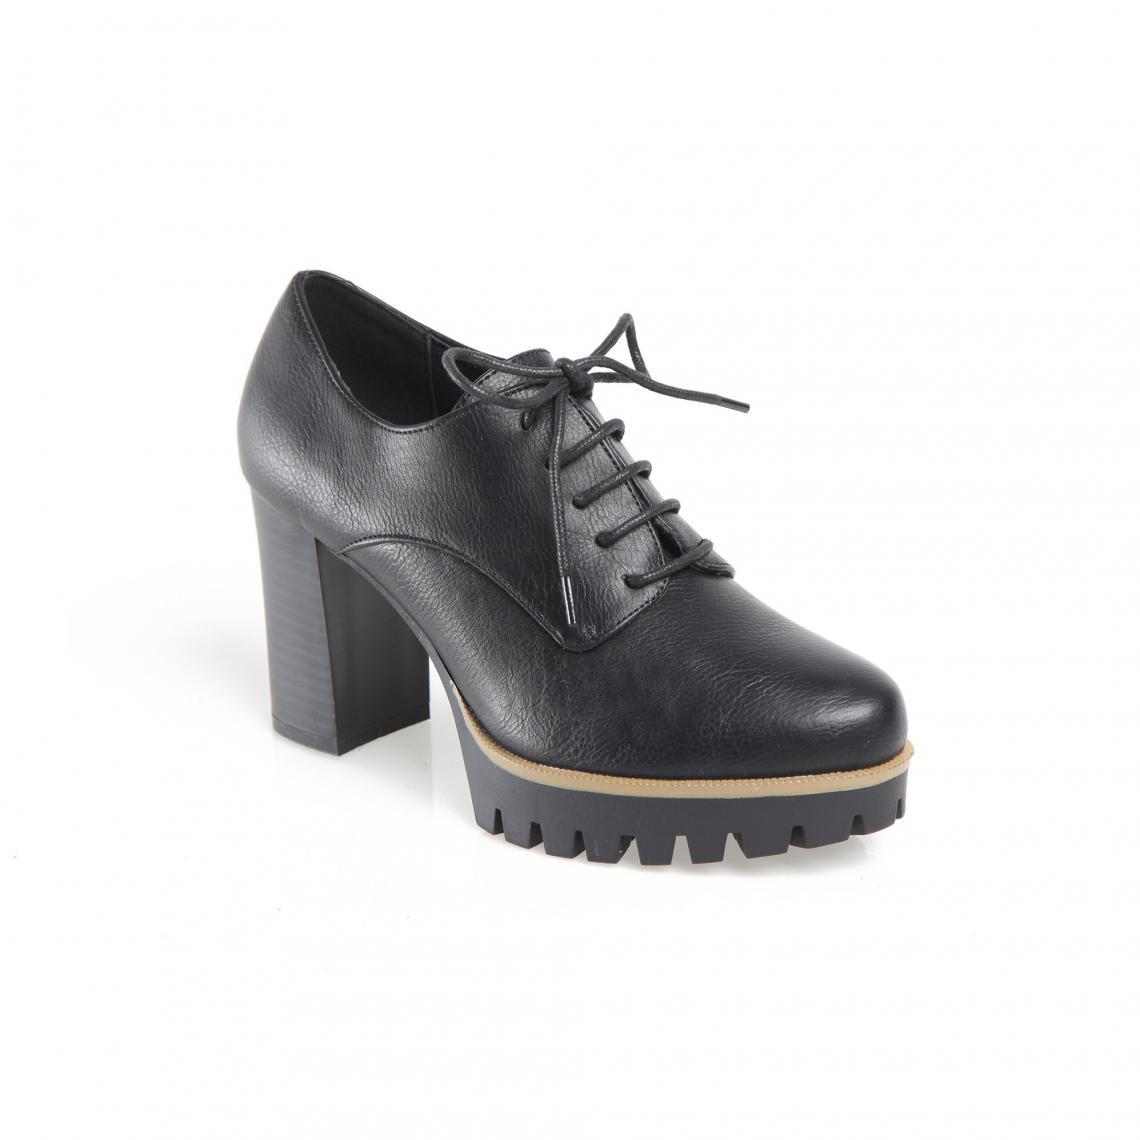 Promo : Chaussures à lacets talon haut et plateforme dentelée femme - Noir